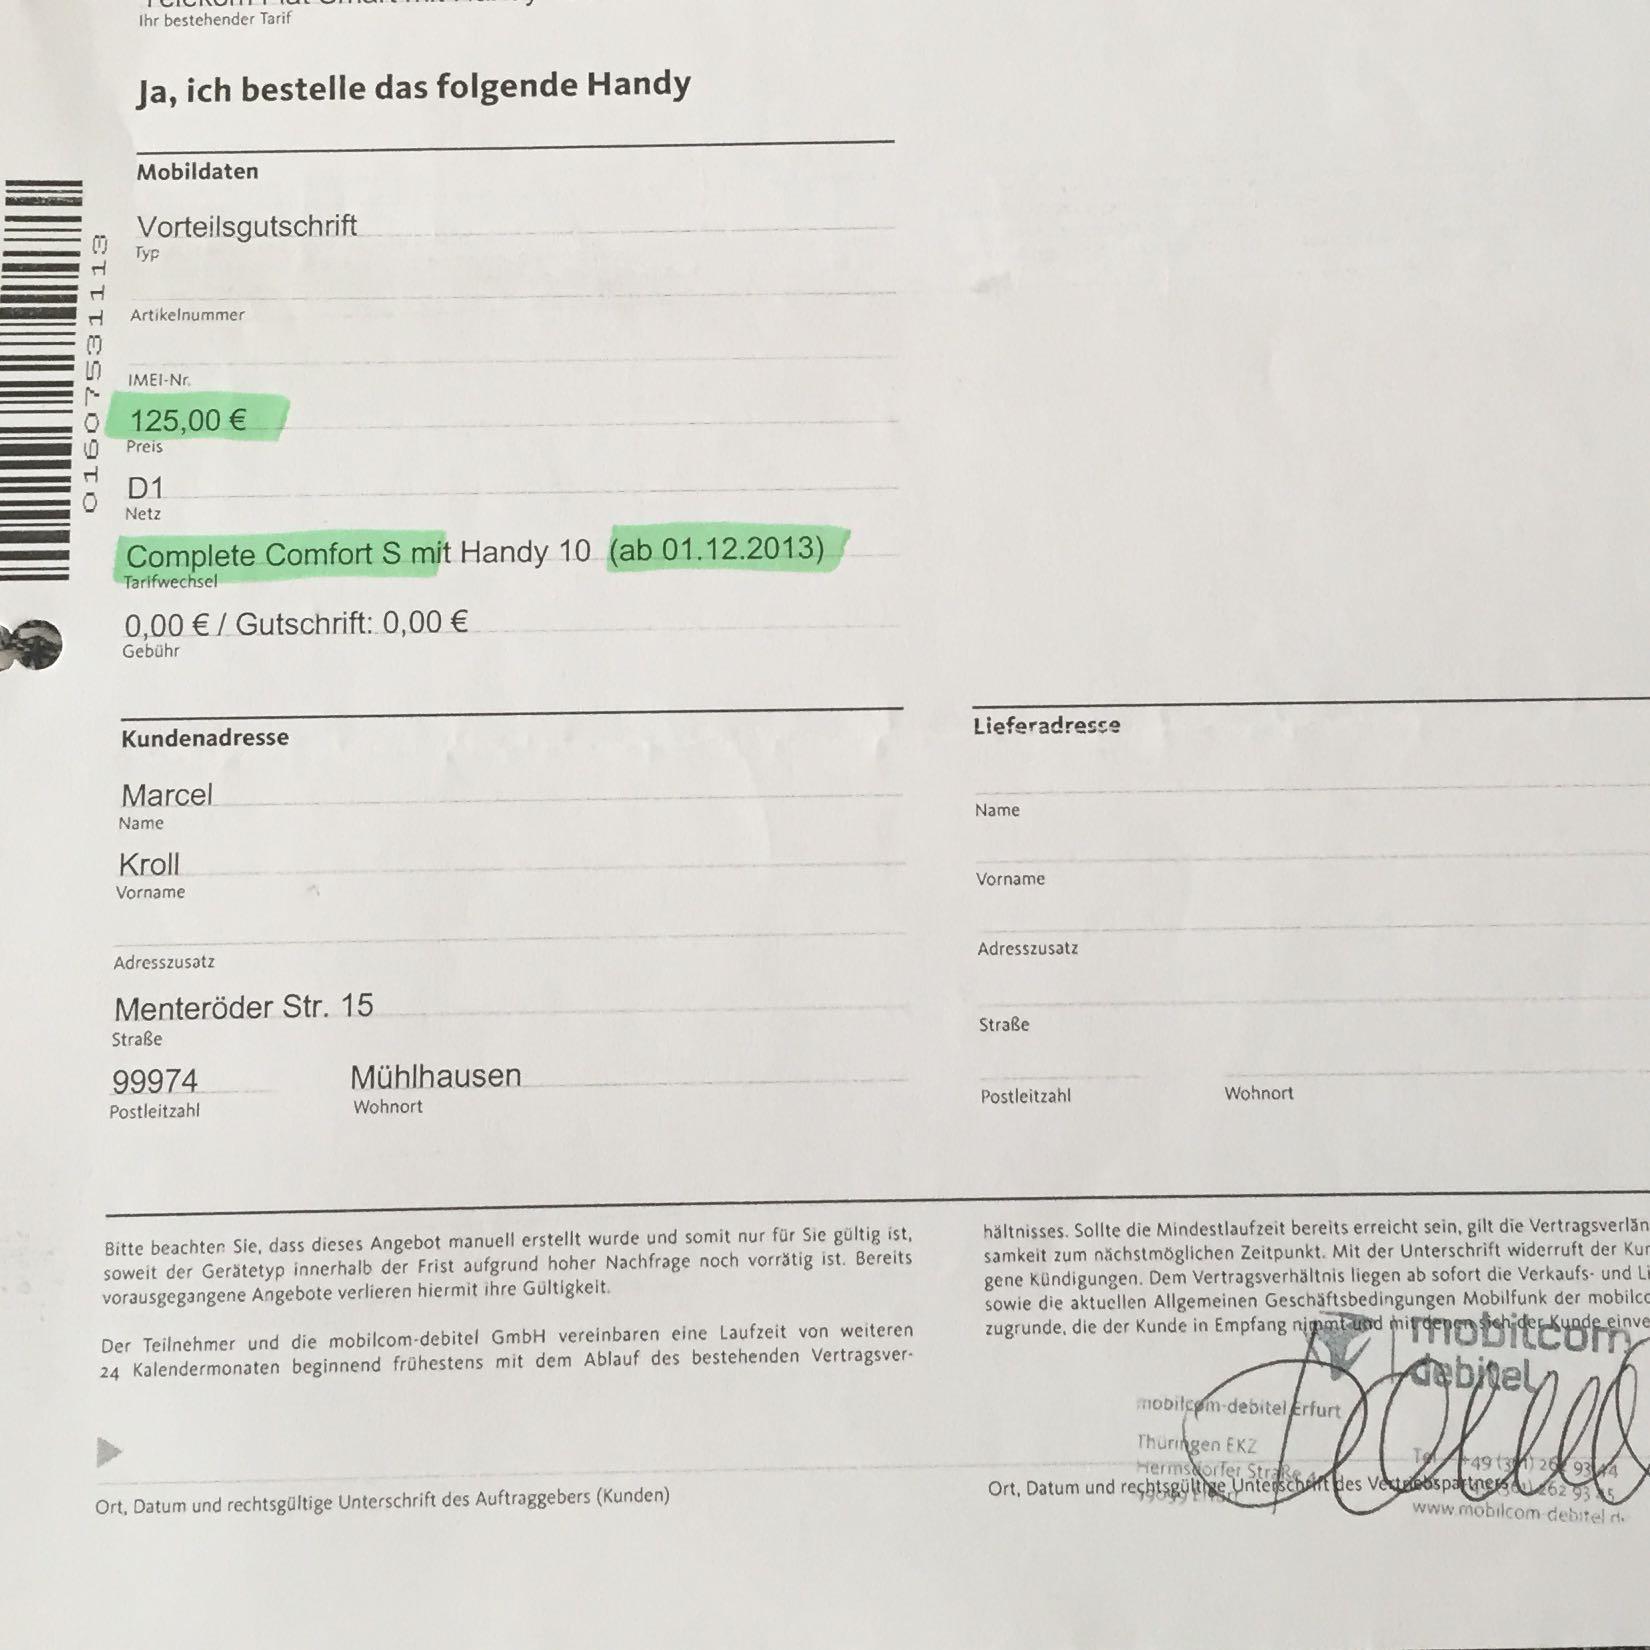 Debitel Rechnung Online : ich habe eine frage an euch und zwar habe ich eine mobilcom debitel rechnungen betrug ~ Themetempest.com Abrechnung